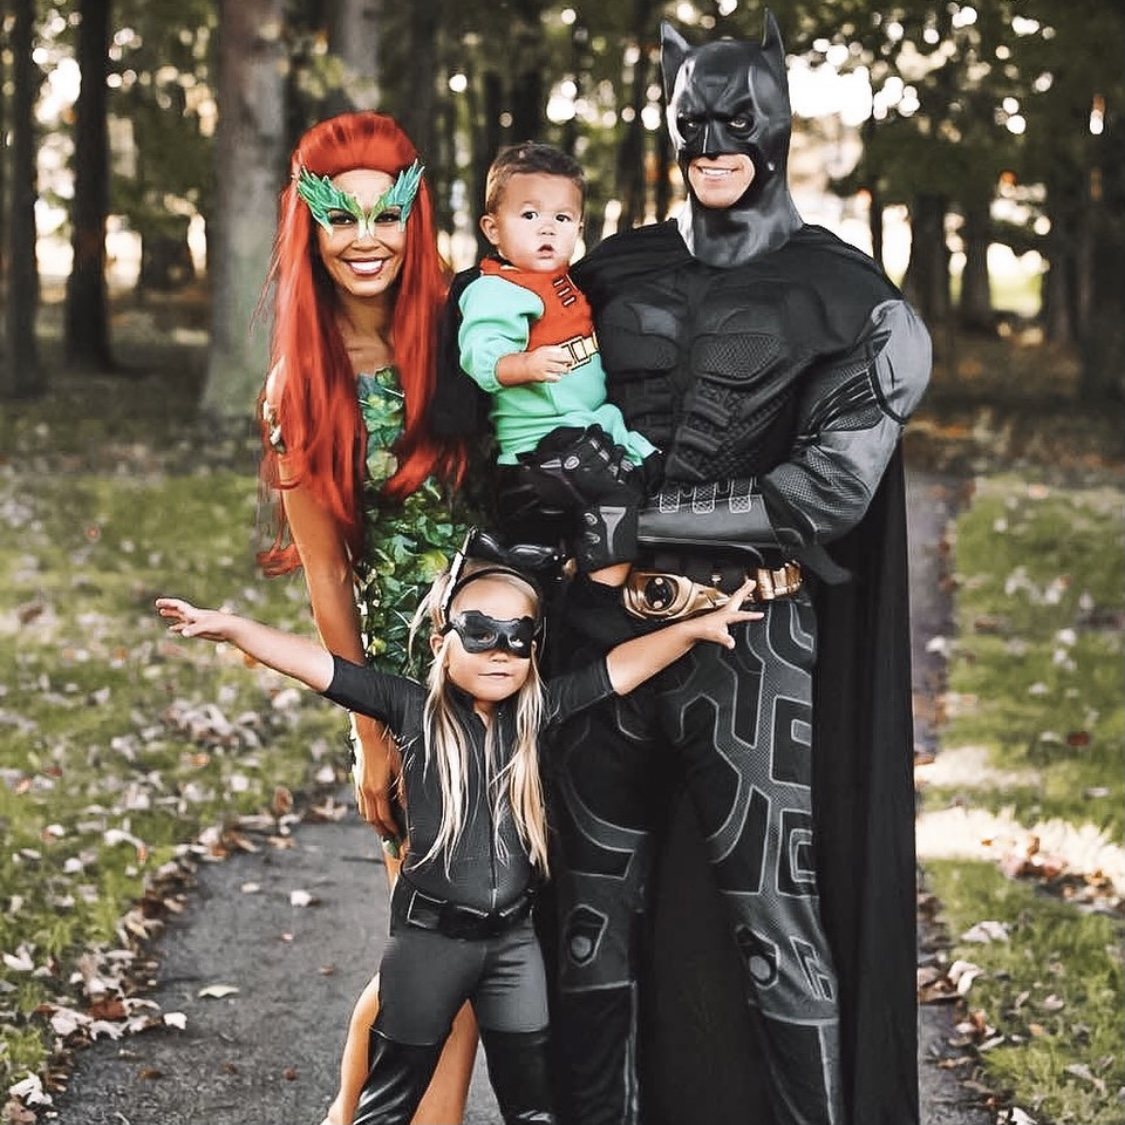 Batman & Robin @mrswoodtomotherhood